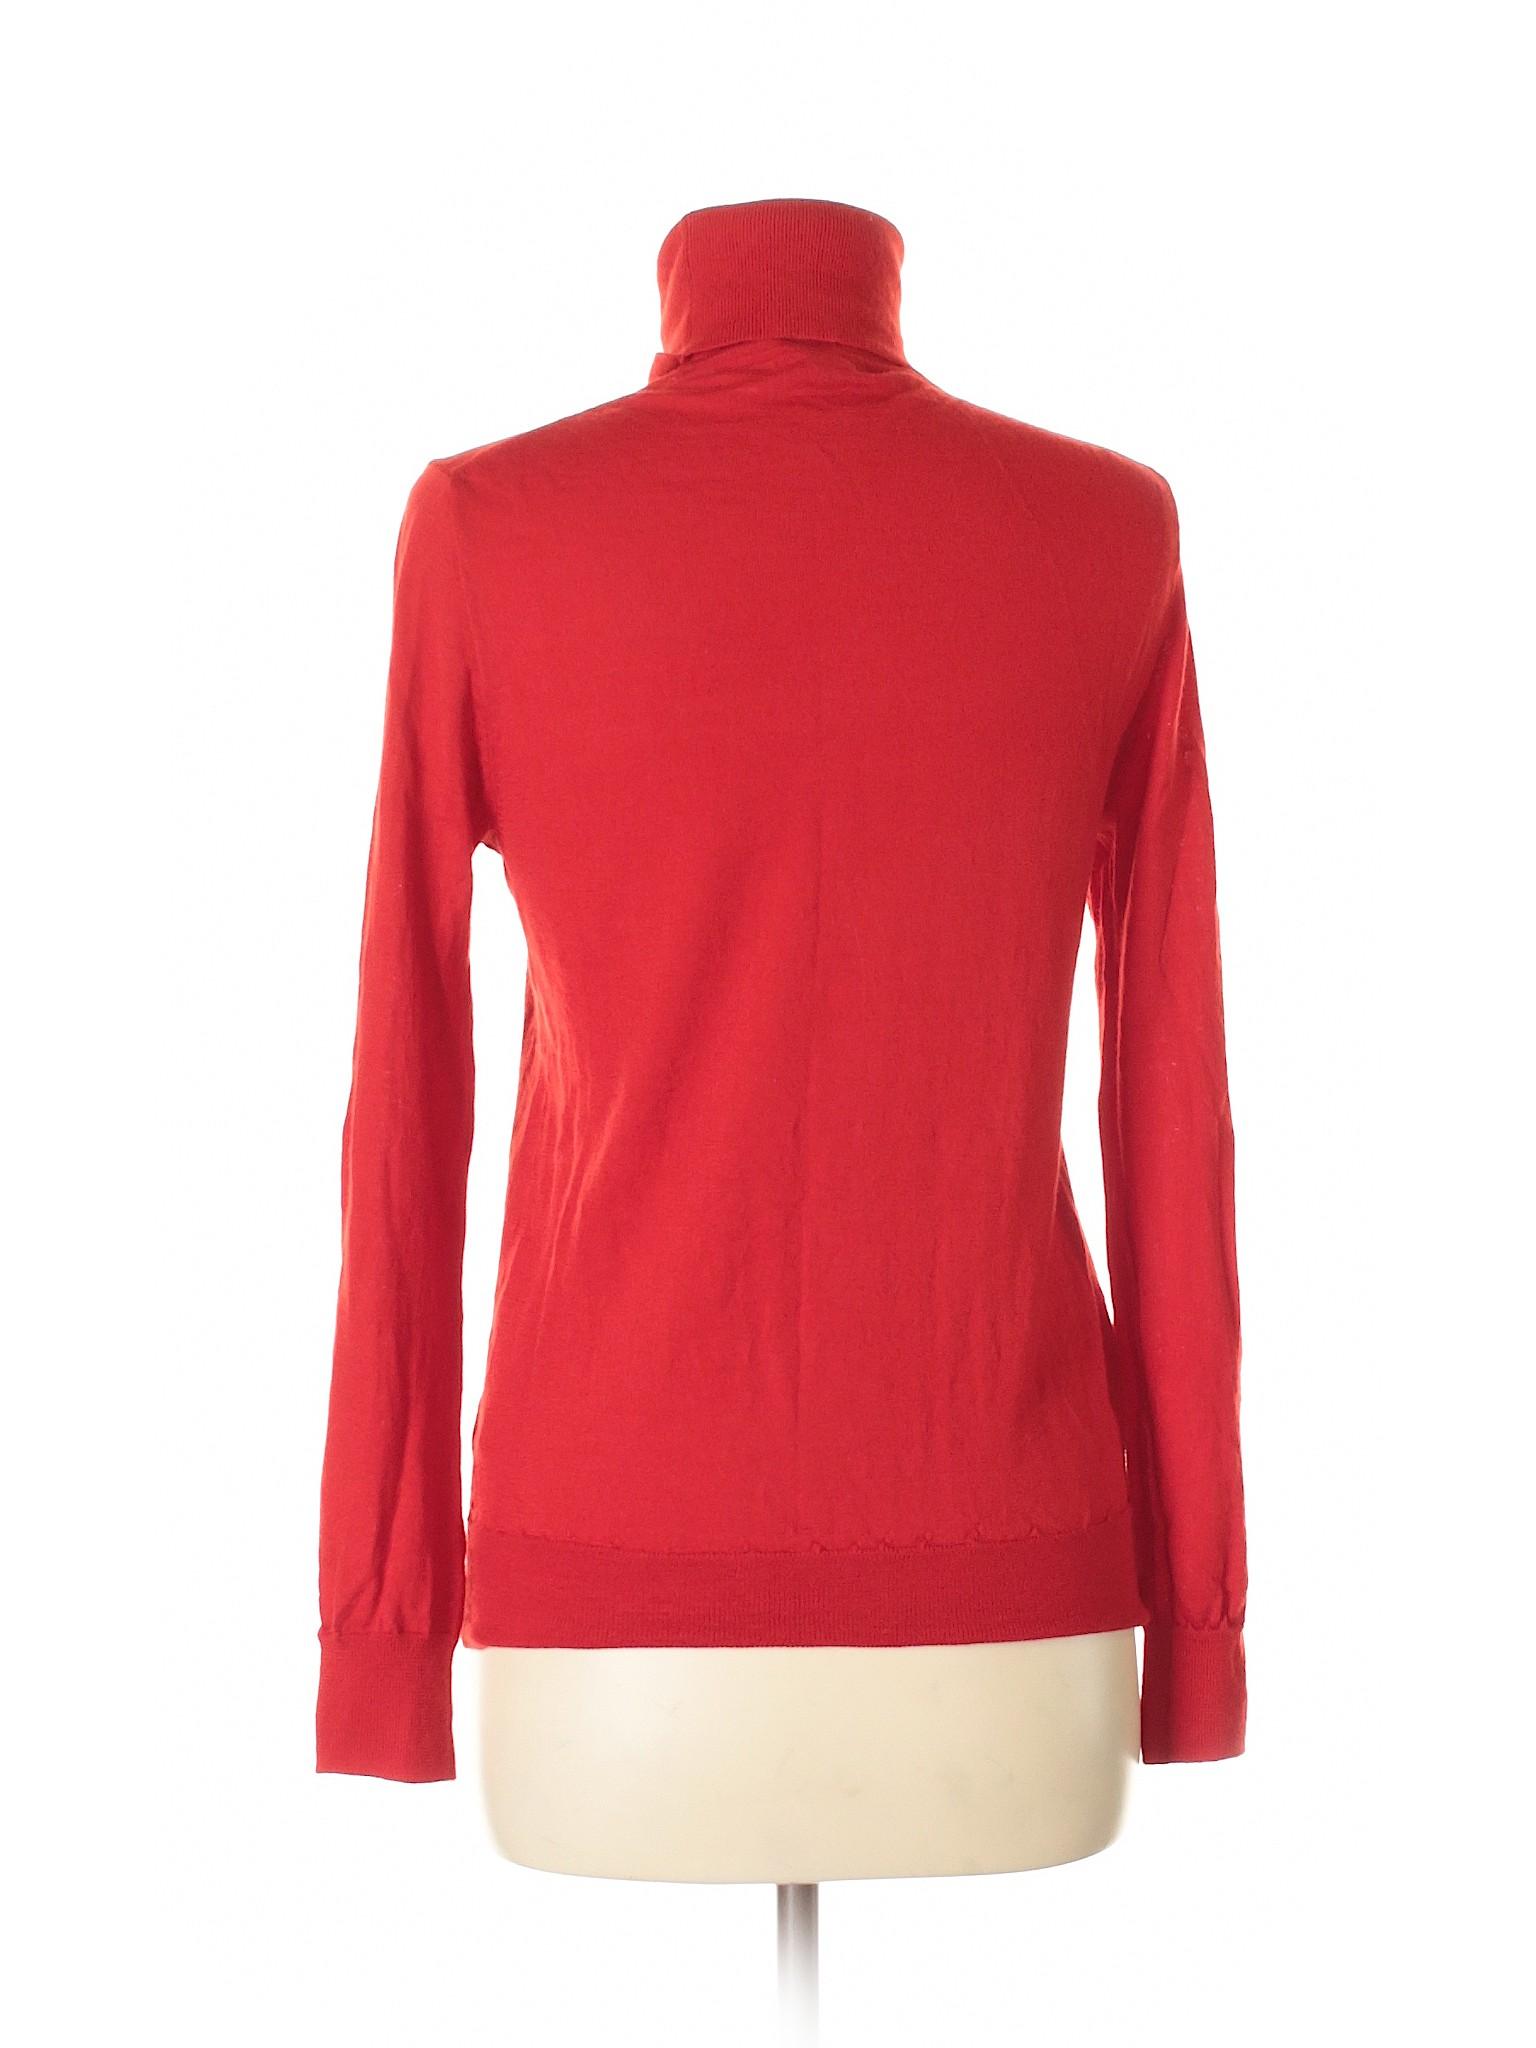 J Crew Boutique Sweater Turtleneck J Boutique 8qxFaa